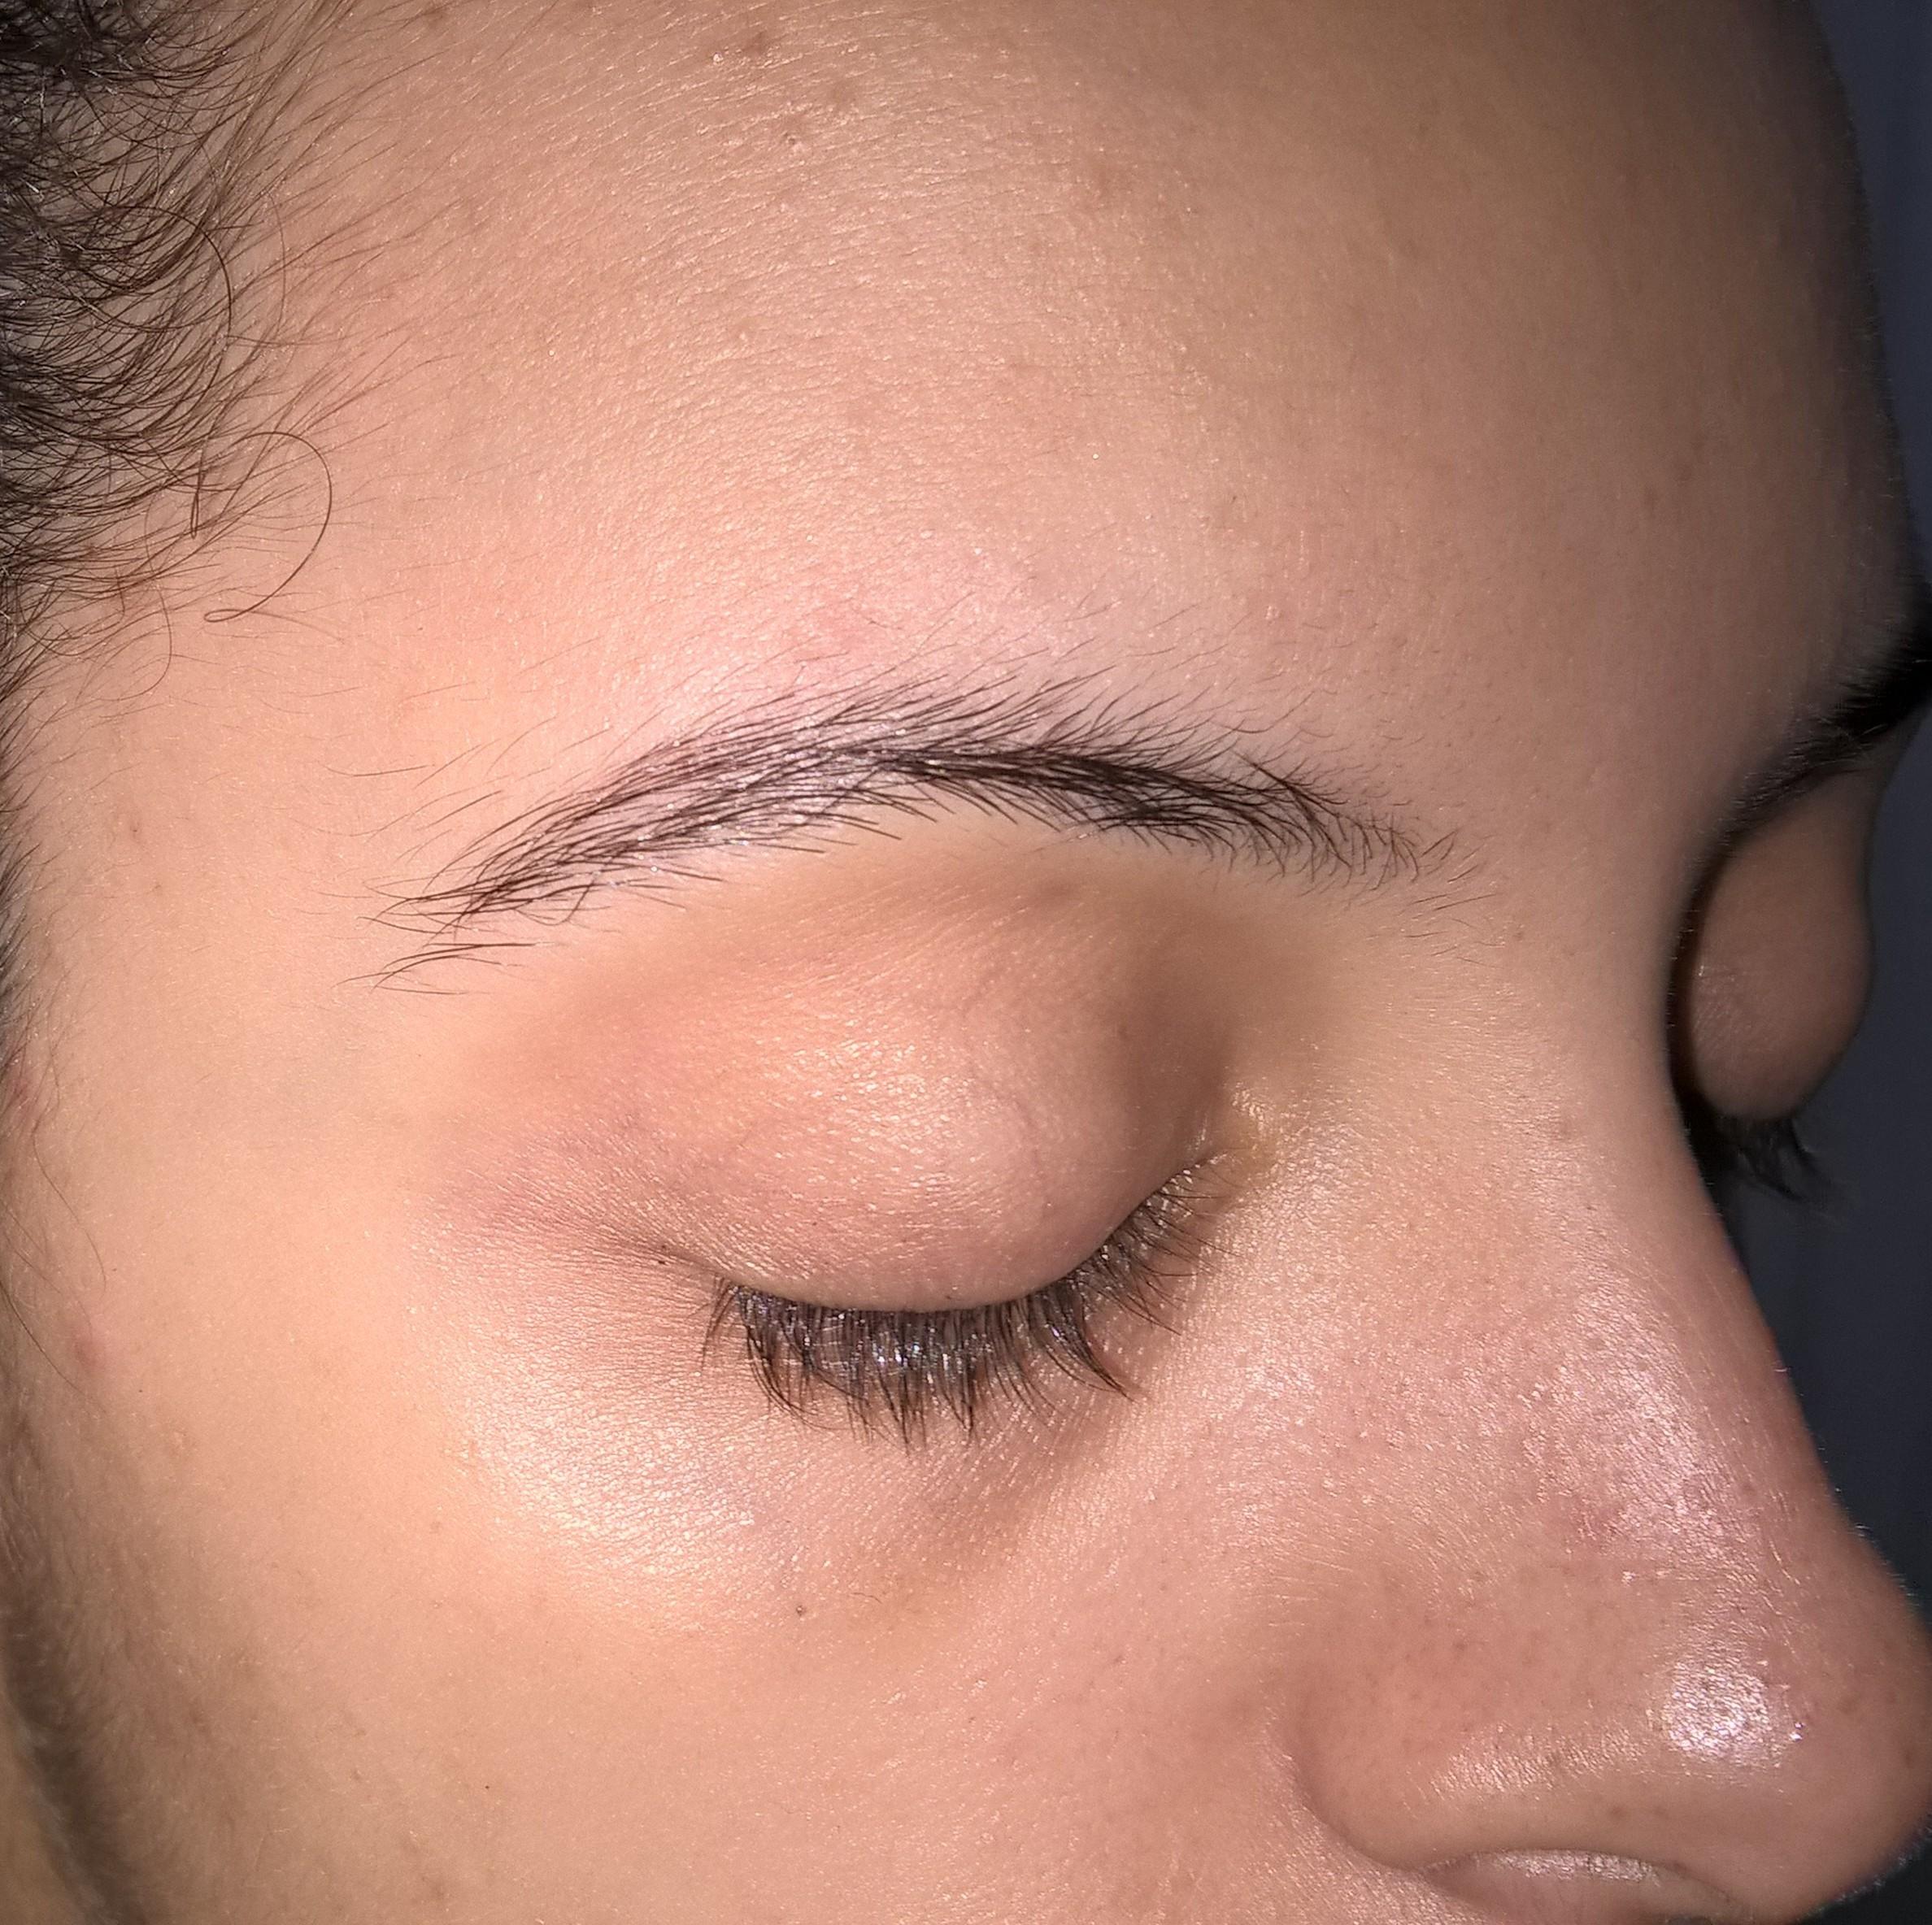 designer de sobrancelhas auxiliar cabeleireiro(a) assistente maquiador(a) escovista